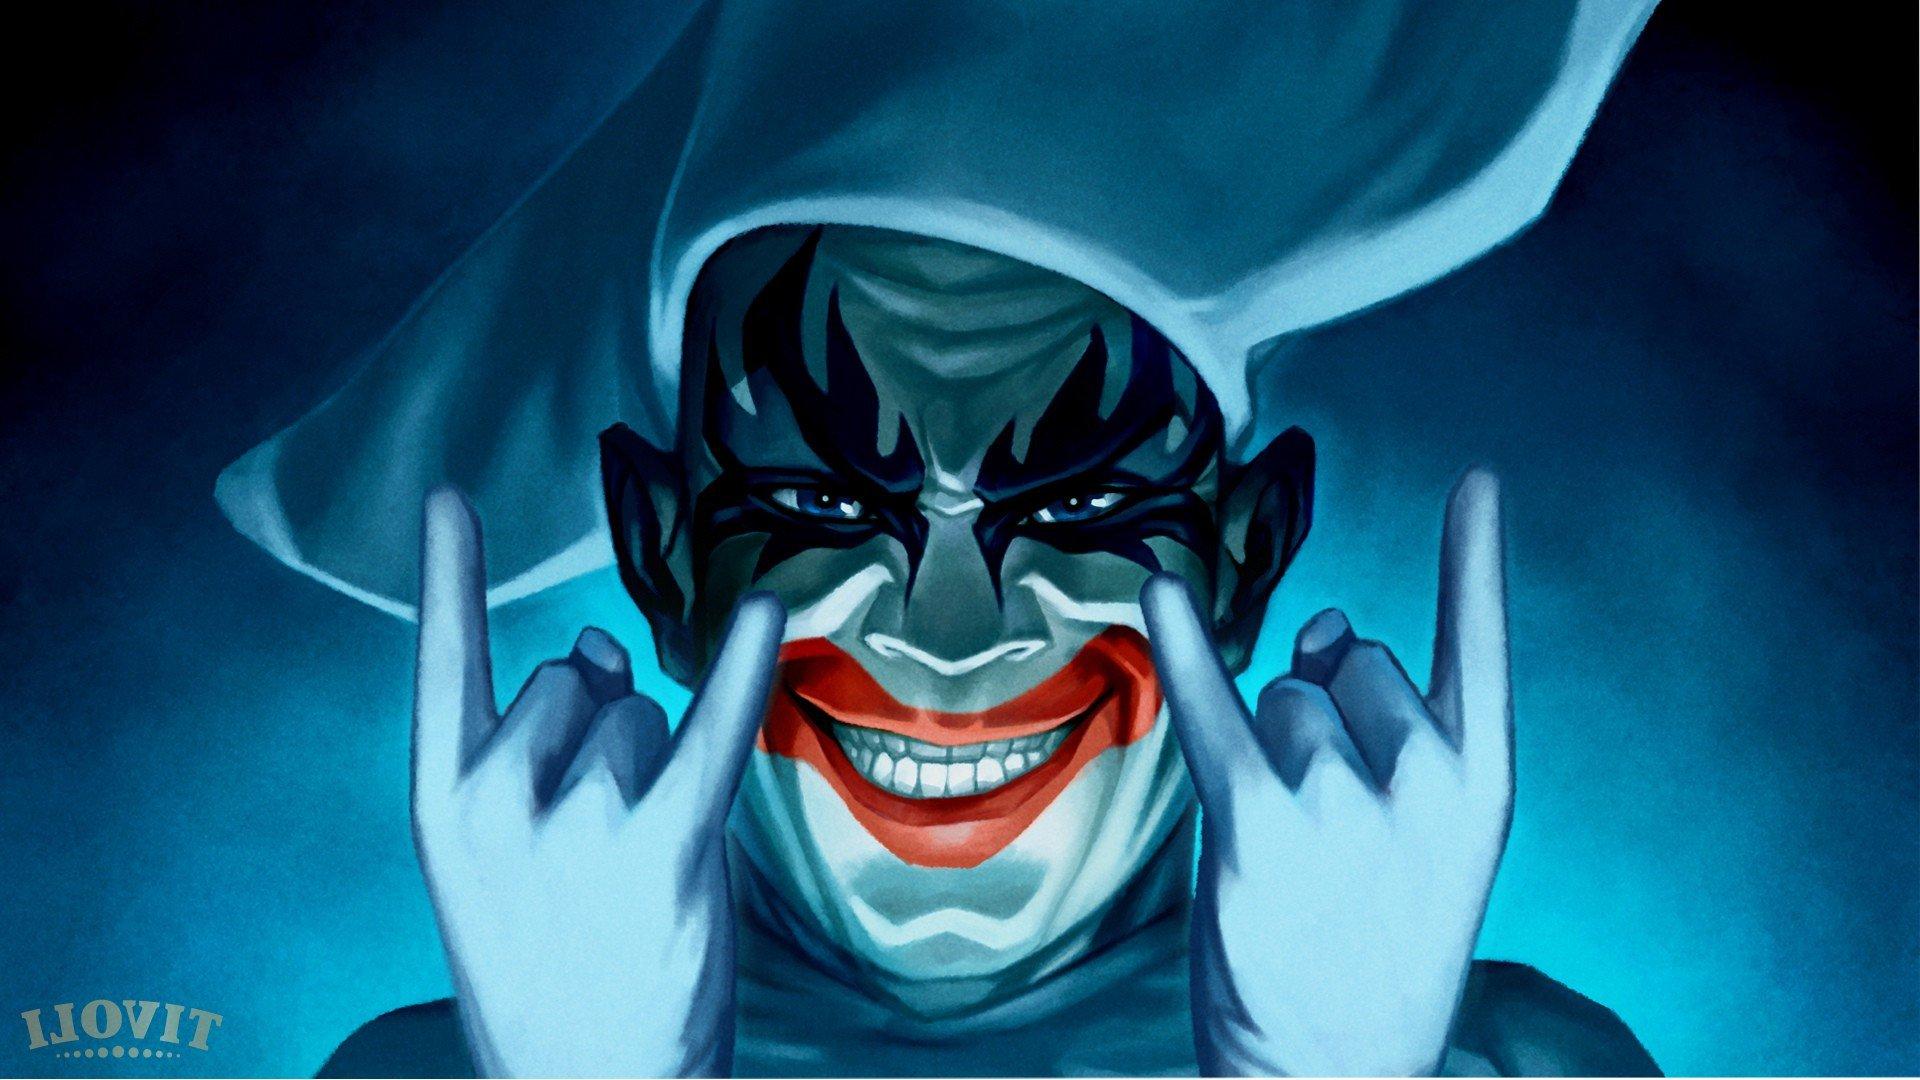 1920x1080 2016 Joker Art Laptop Full Hd 1080p Hd 4k